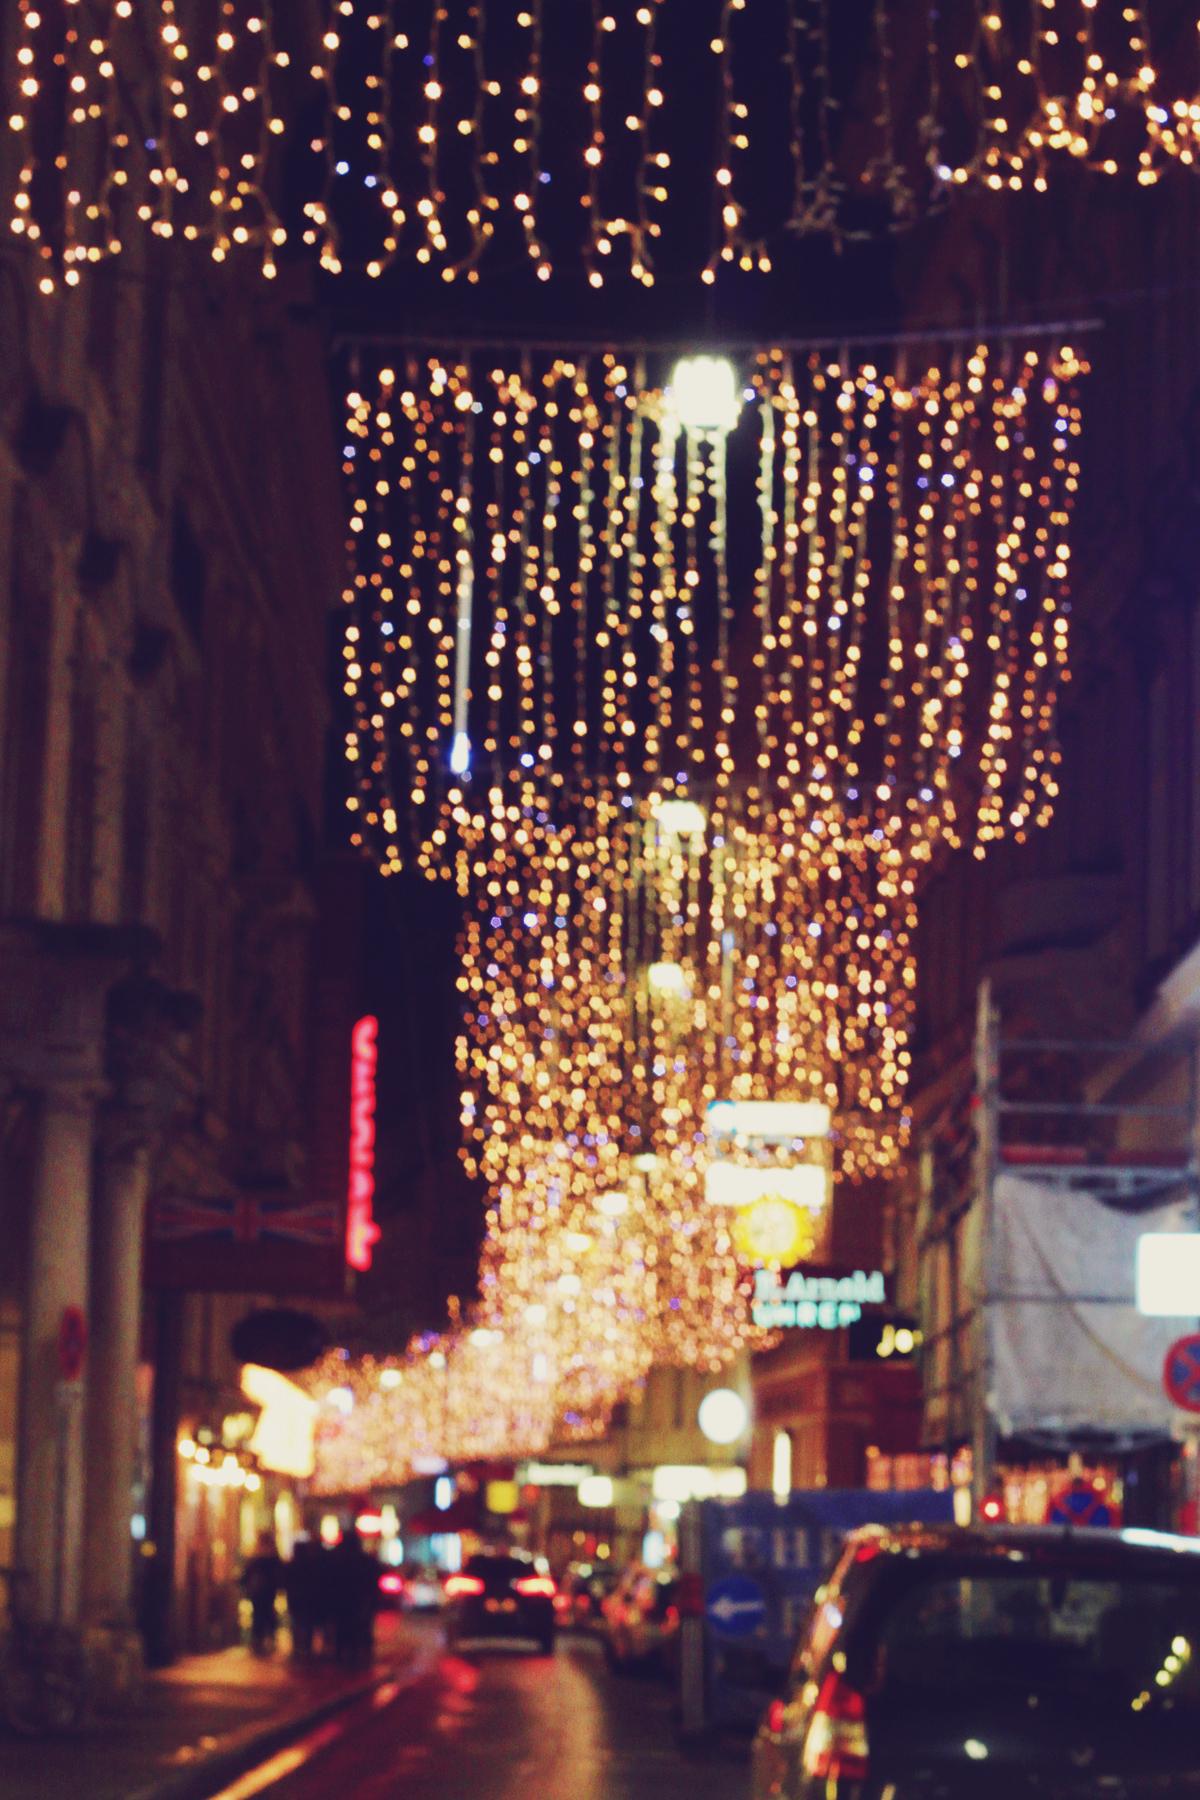 Vienna, travel, night lights, Christmas lights